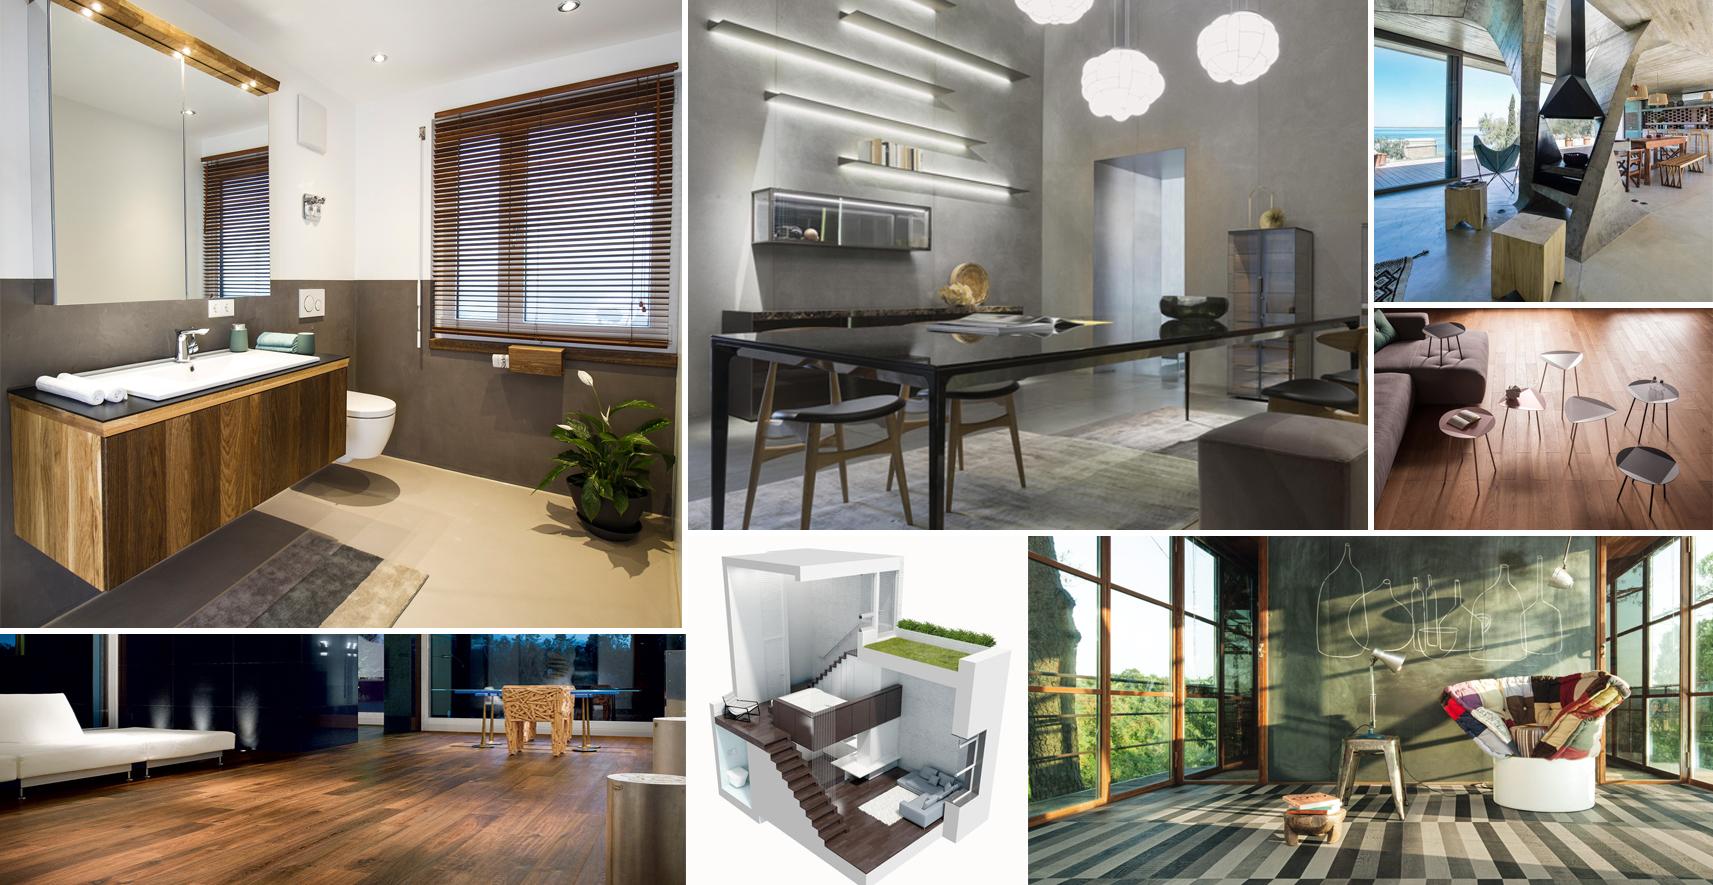 wohntrends 2017 2018 auf der suche nach den neuesten wohntrends in europa und in stuttgart. Black Bedroom Furniture Sets. Home Design Ideas